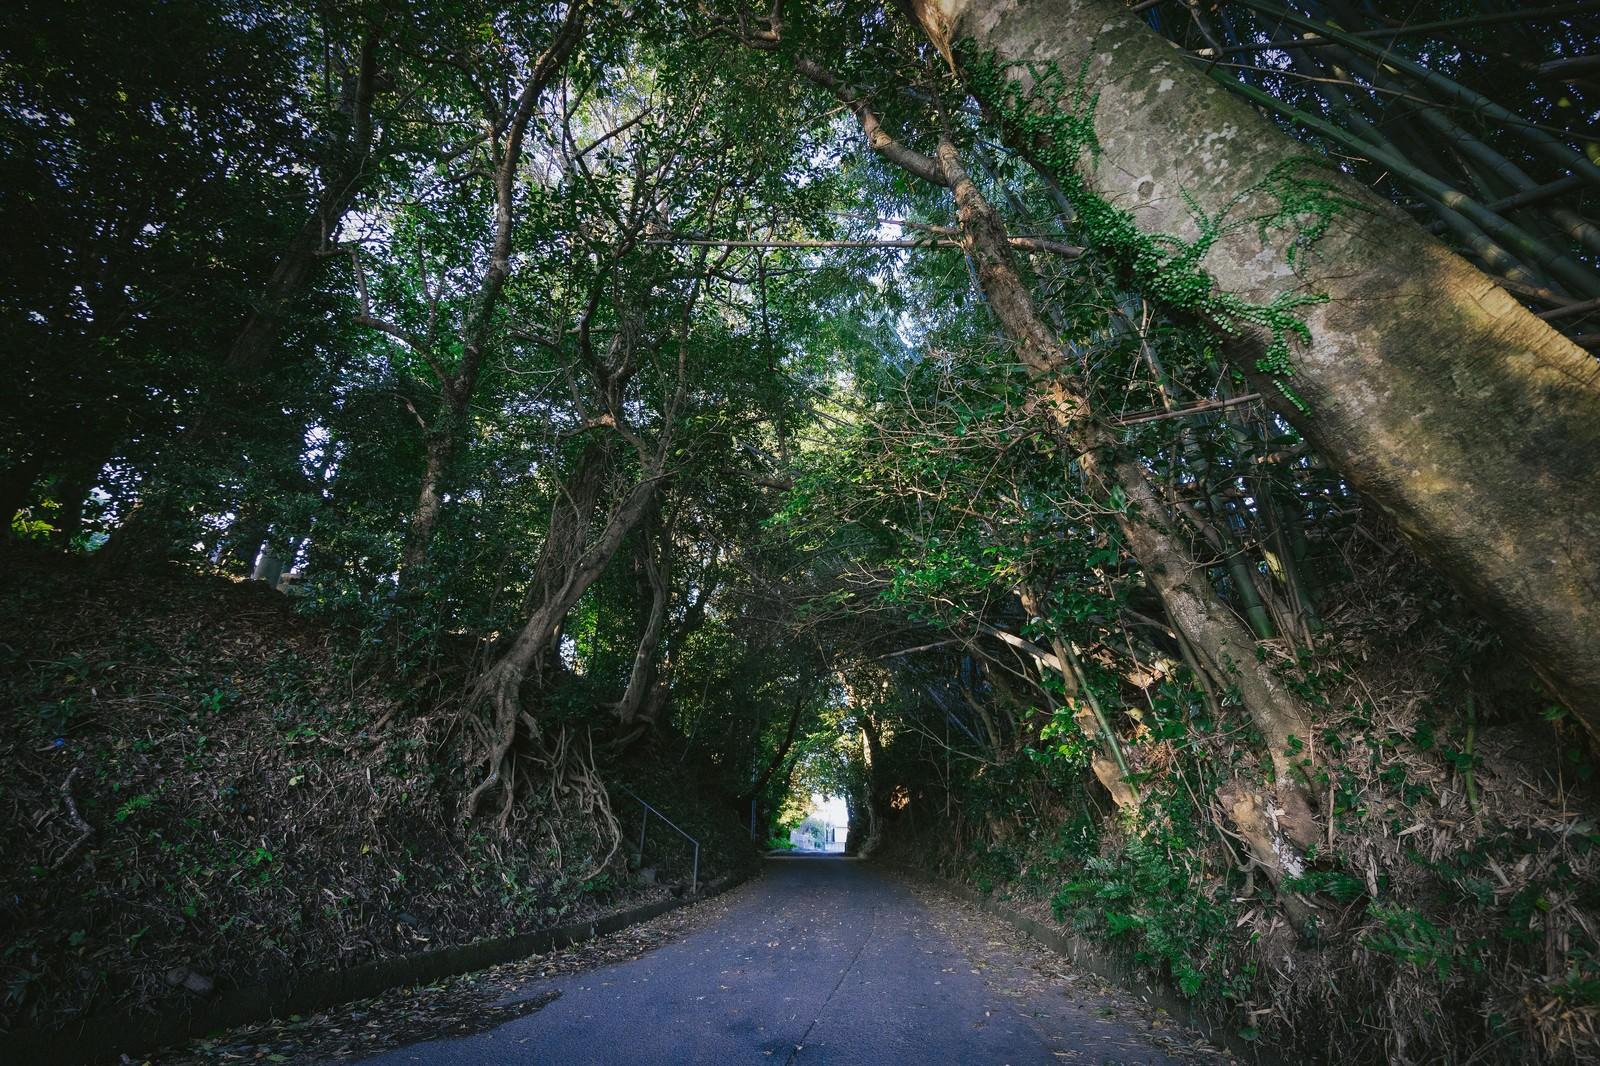 「福岡県大刀洗の甲条神社前の森福岡県大刀洗の甲条神社前の森」のフリー写真素材を拡大